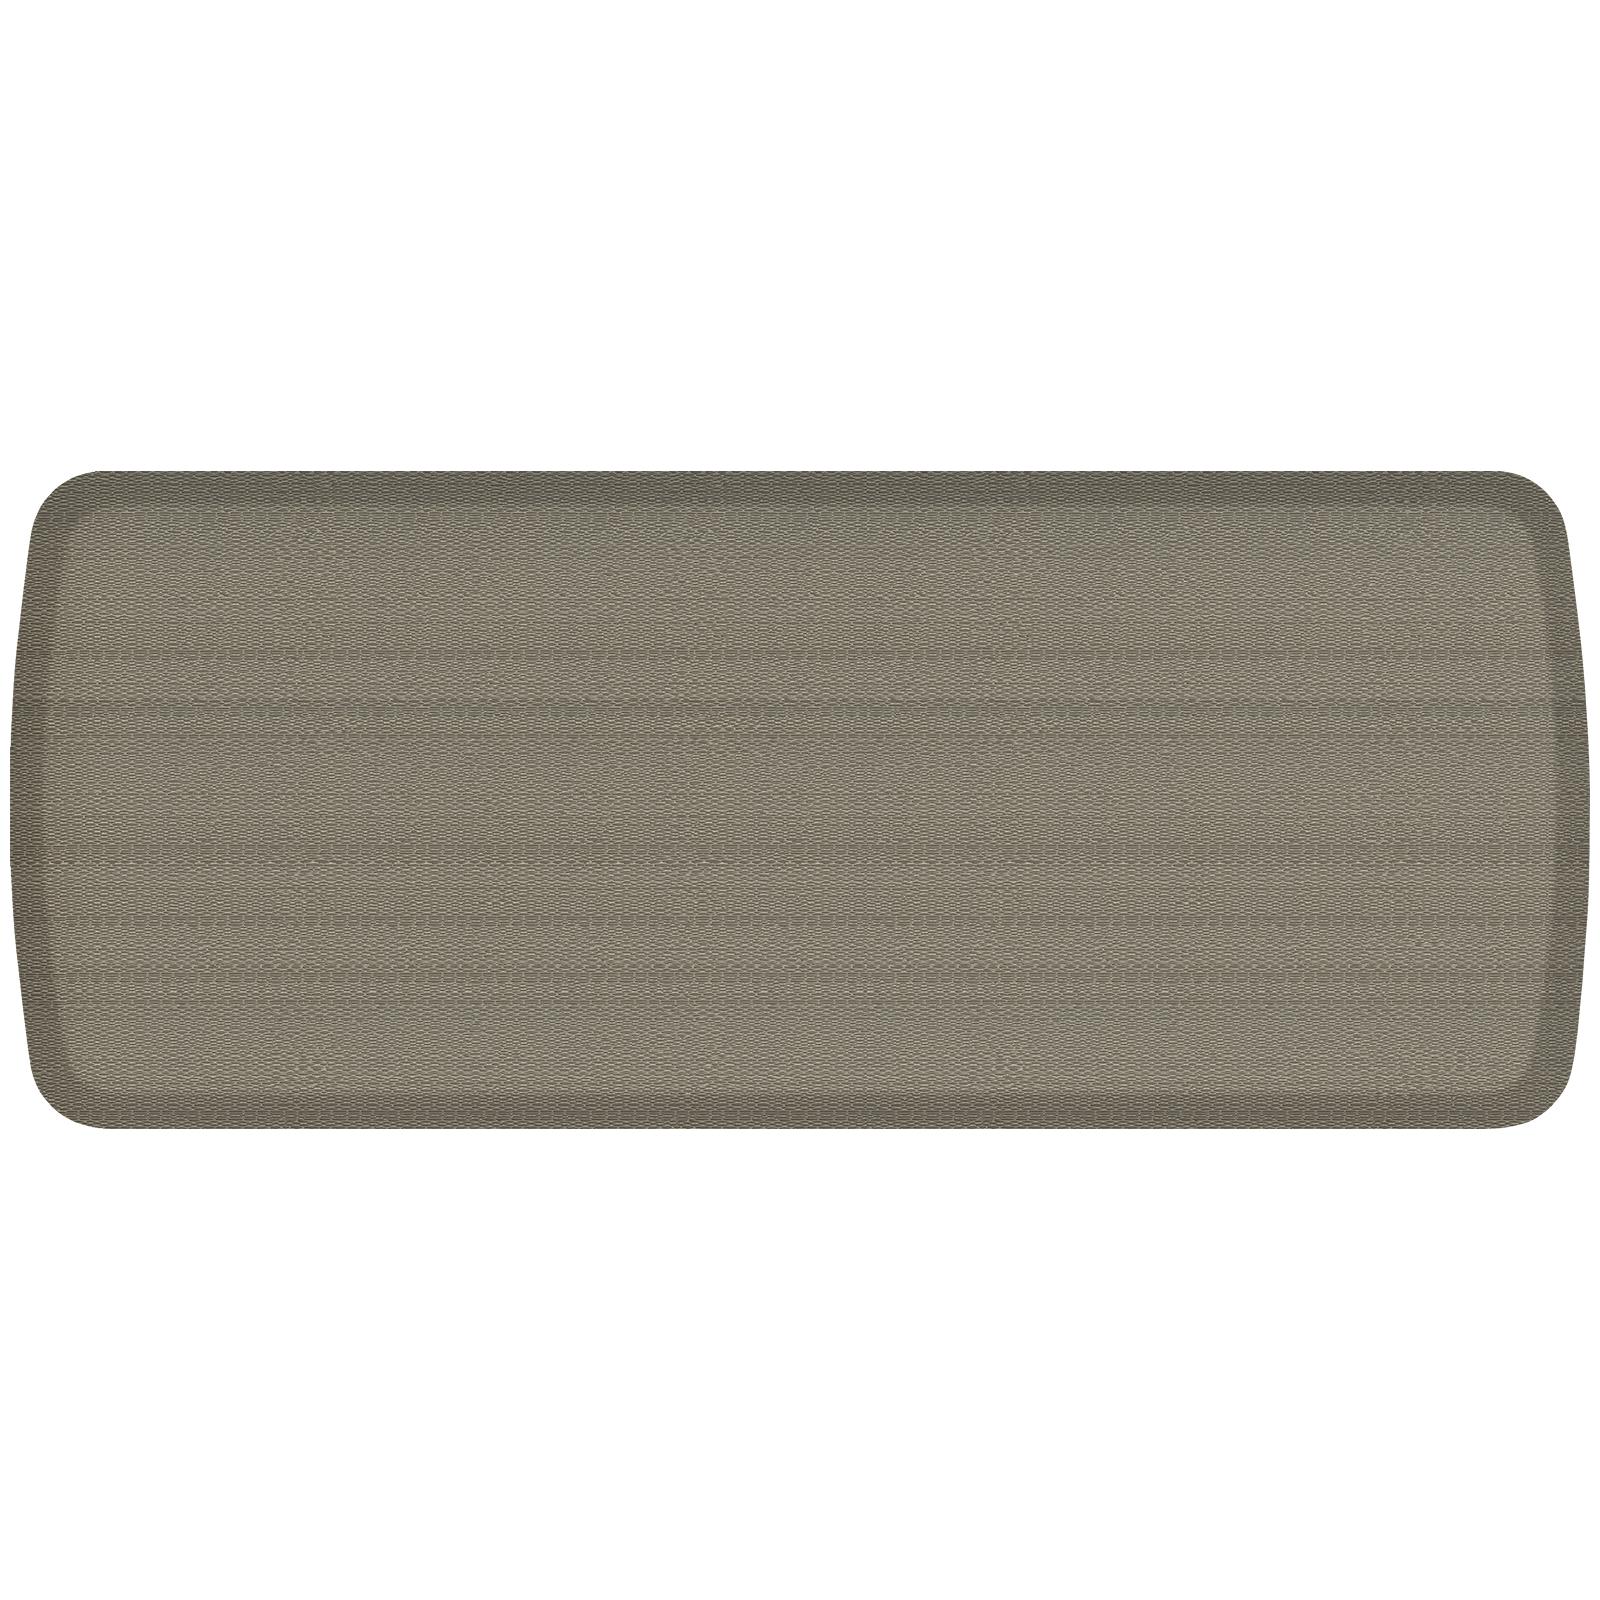 kitchen comfort floor mats cabinet design template gelpro elite anti fatigue mat